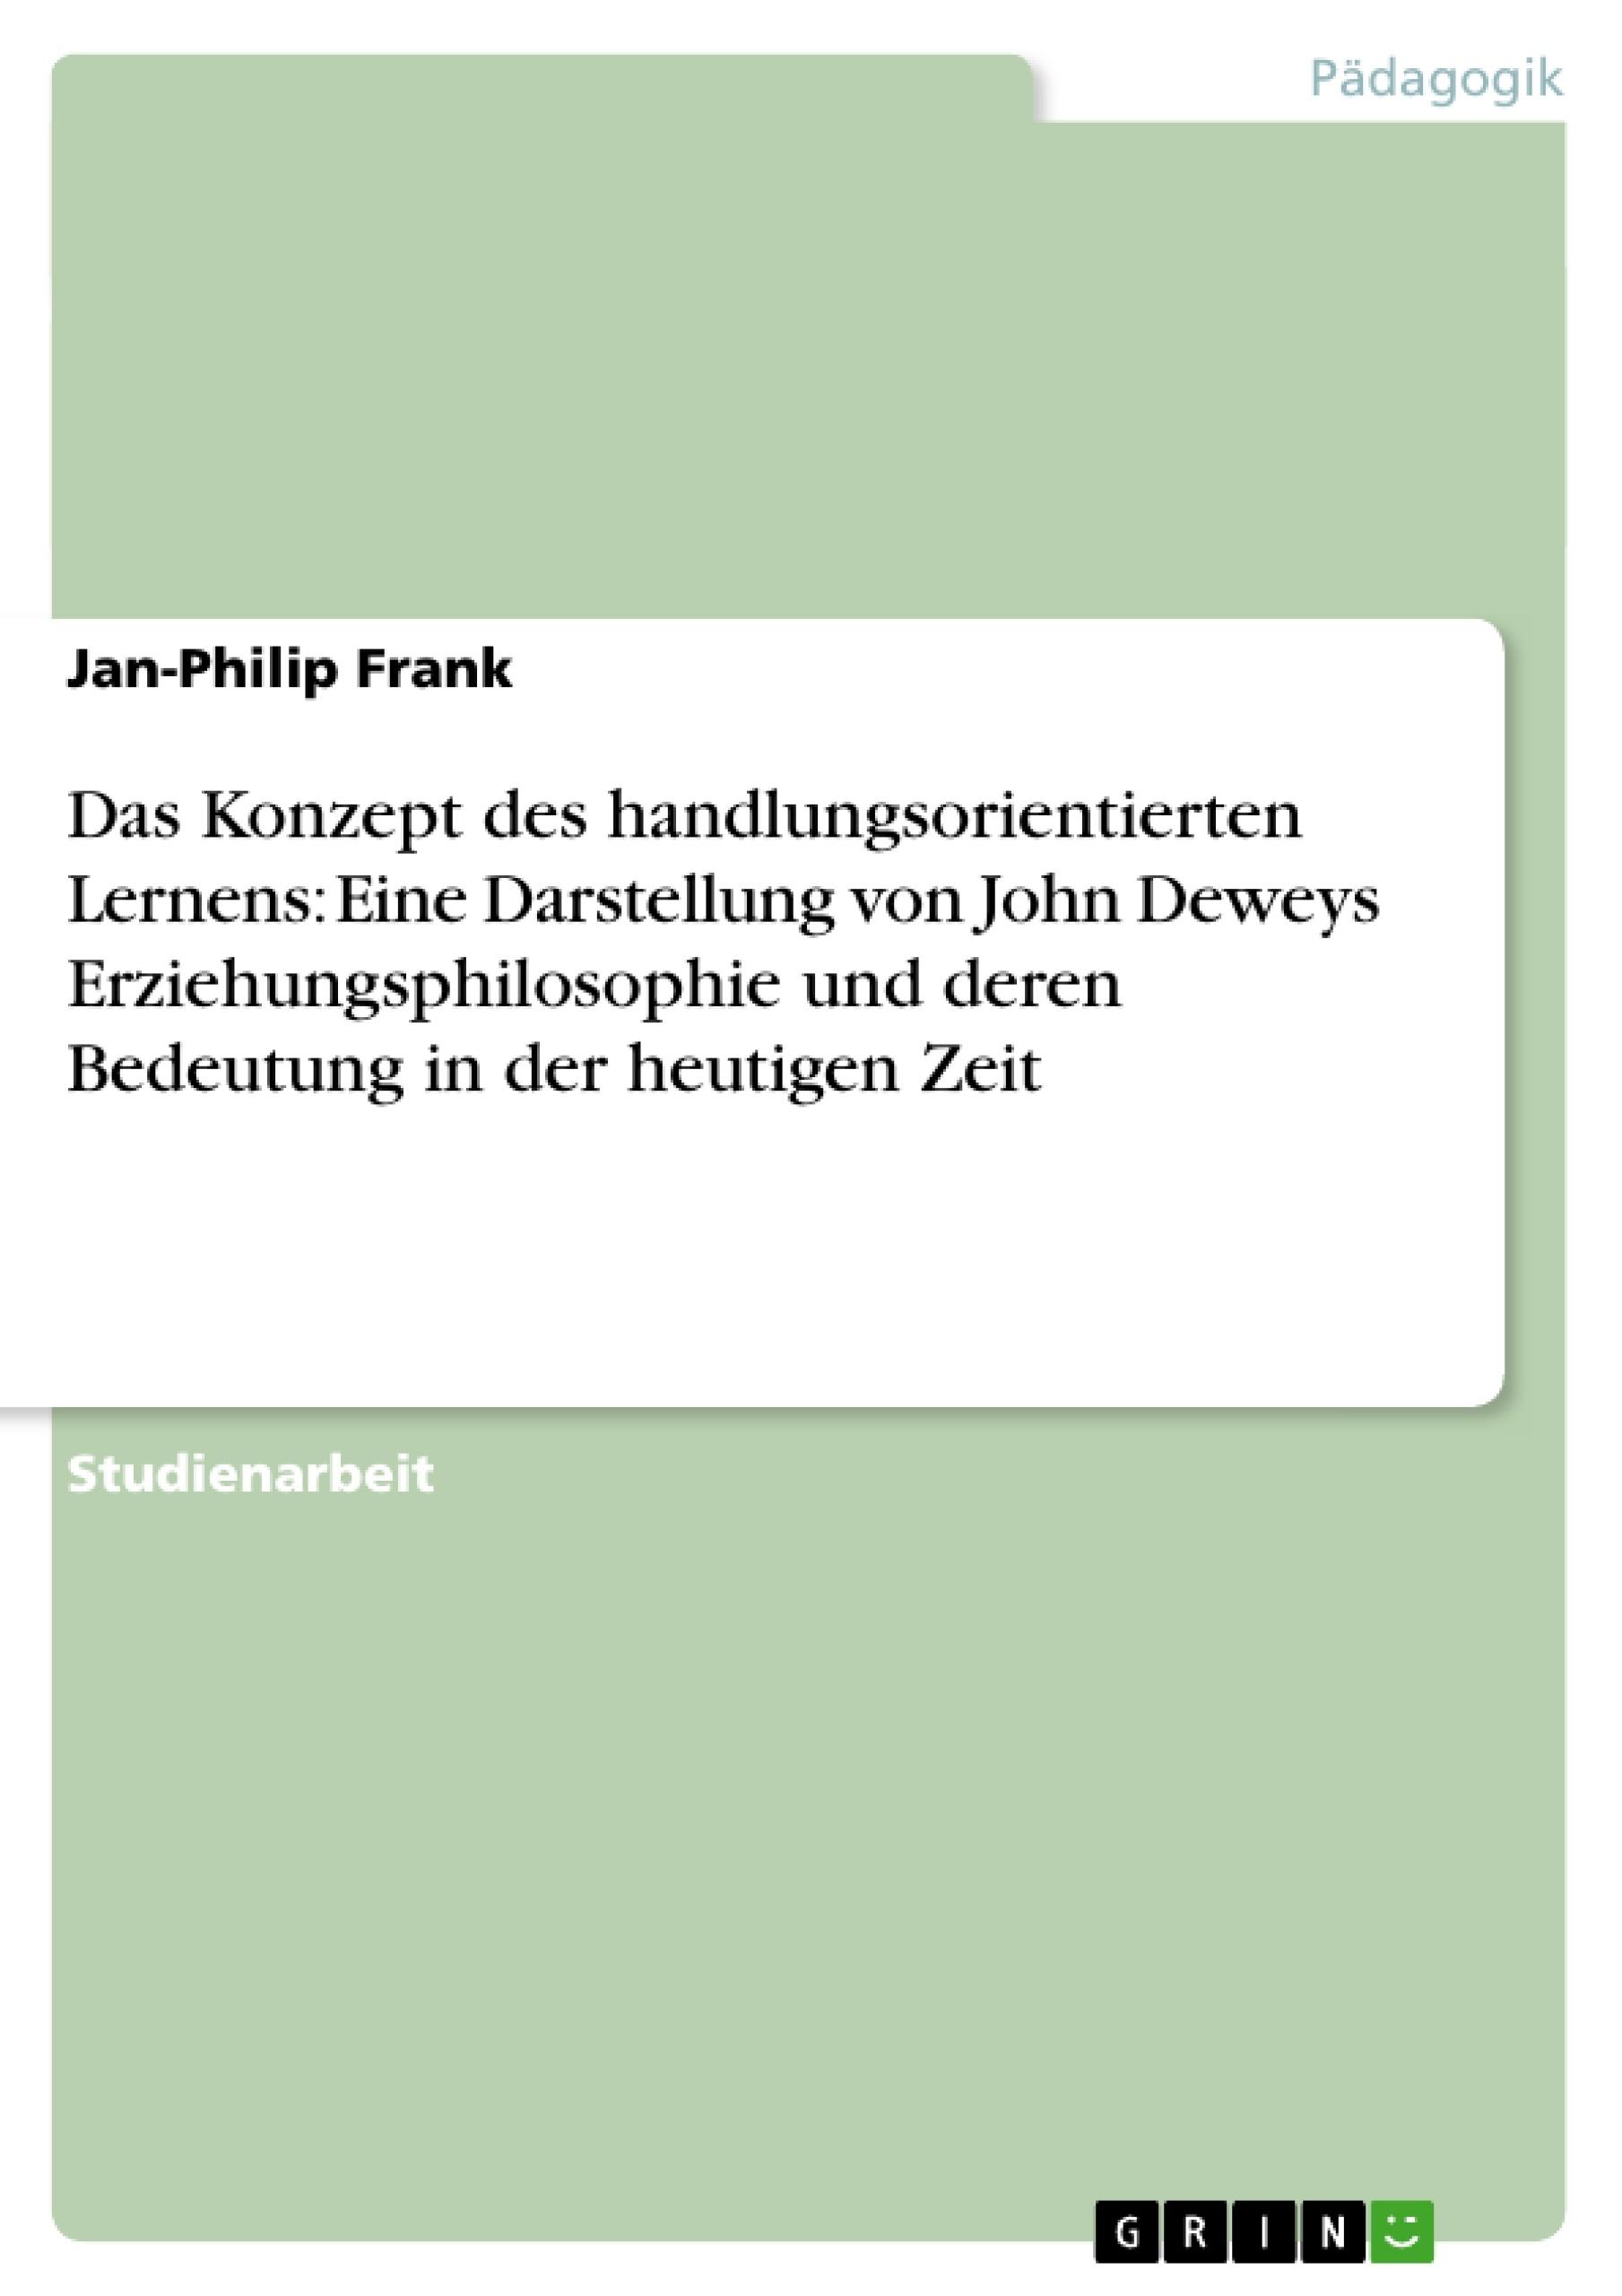 Titel: Das Konzept des handlungsorientierten Lernens: Eine Darstellung von John Deweys Erziehungsphilosophie und deren Bedeutung in der heutigen Zeit